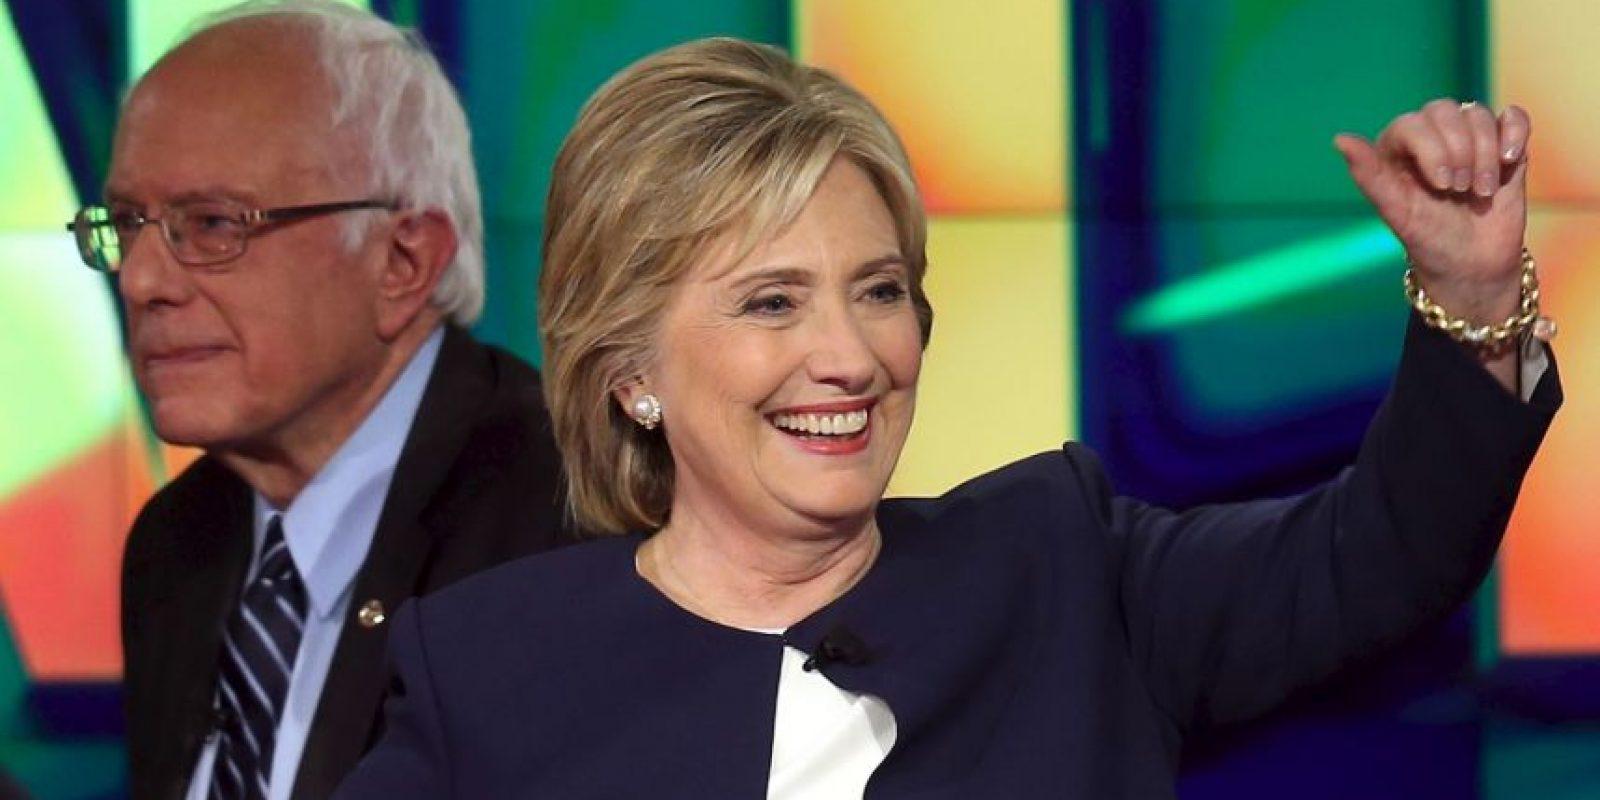 Por su parte, la precandidata Hillary Clinton detalló que se siente inspirada por la actitud de Biden. Foto:Getty Images